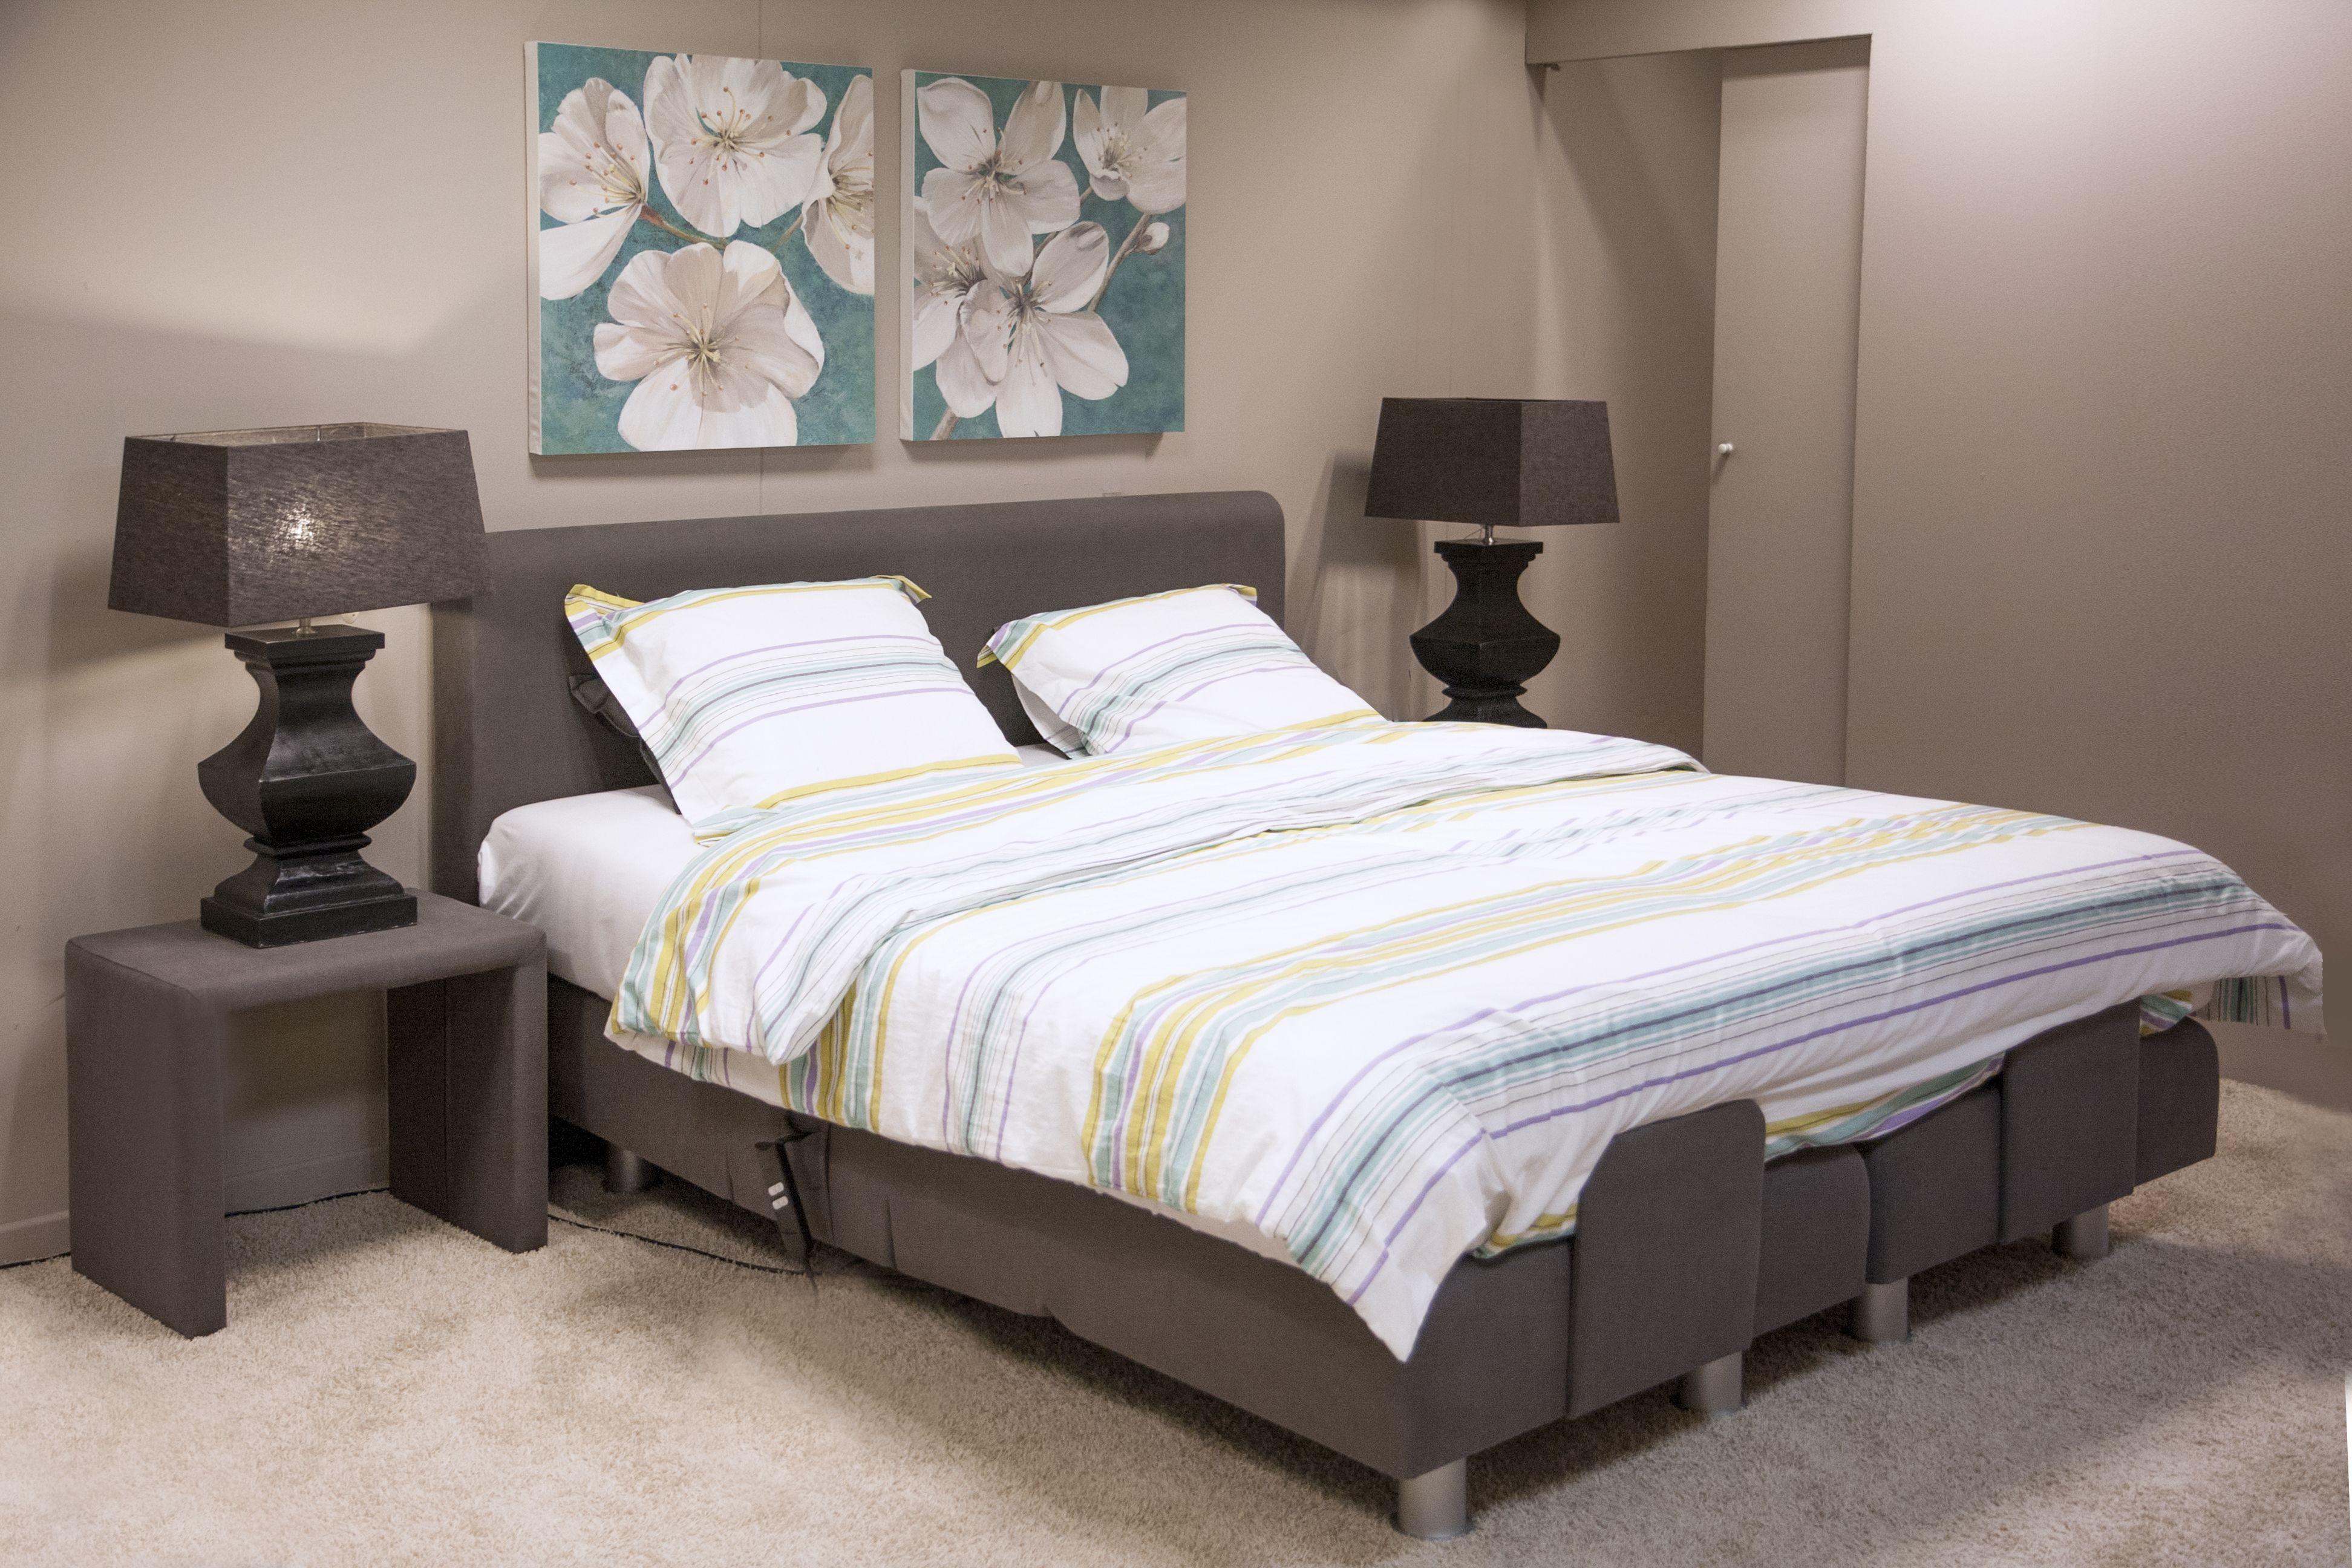 Slaapkamer met kleurrijke accenten en boxspring bed for Slaapkamer bed